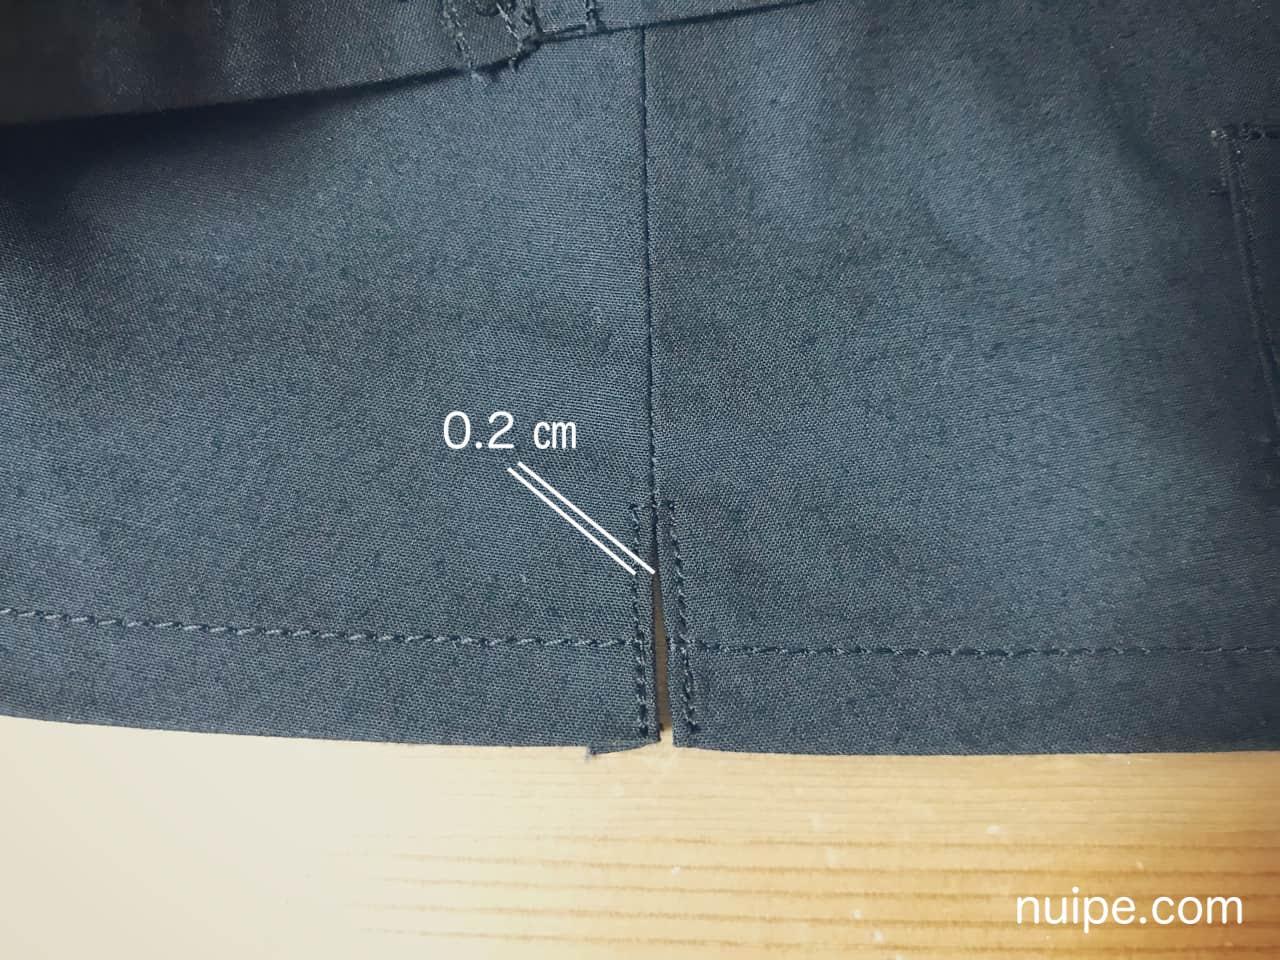 ダッフィー服作り方スリット縫い